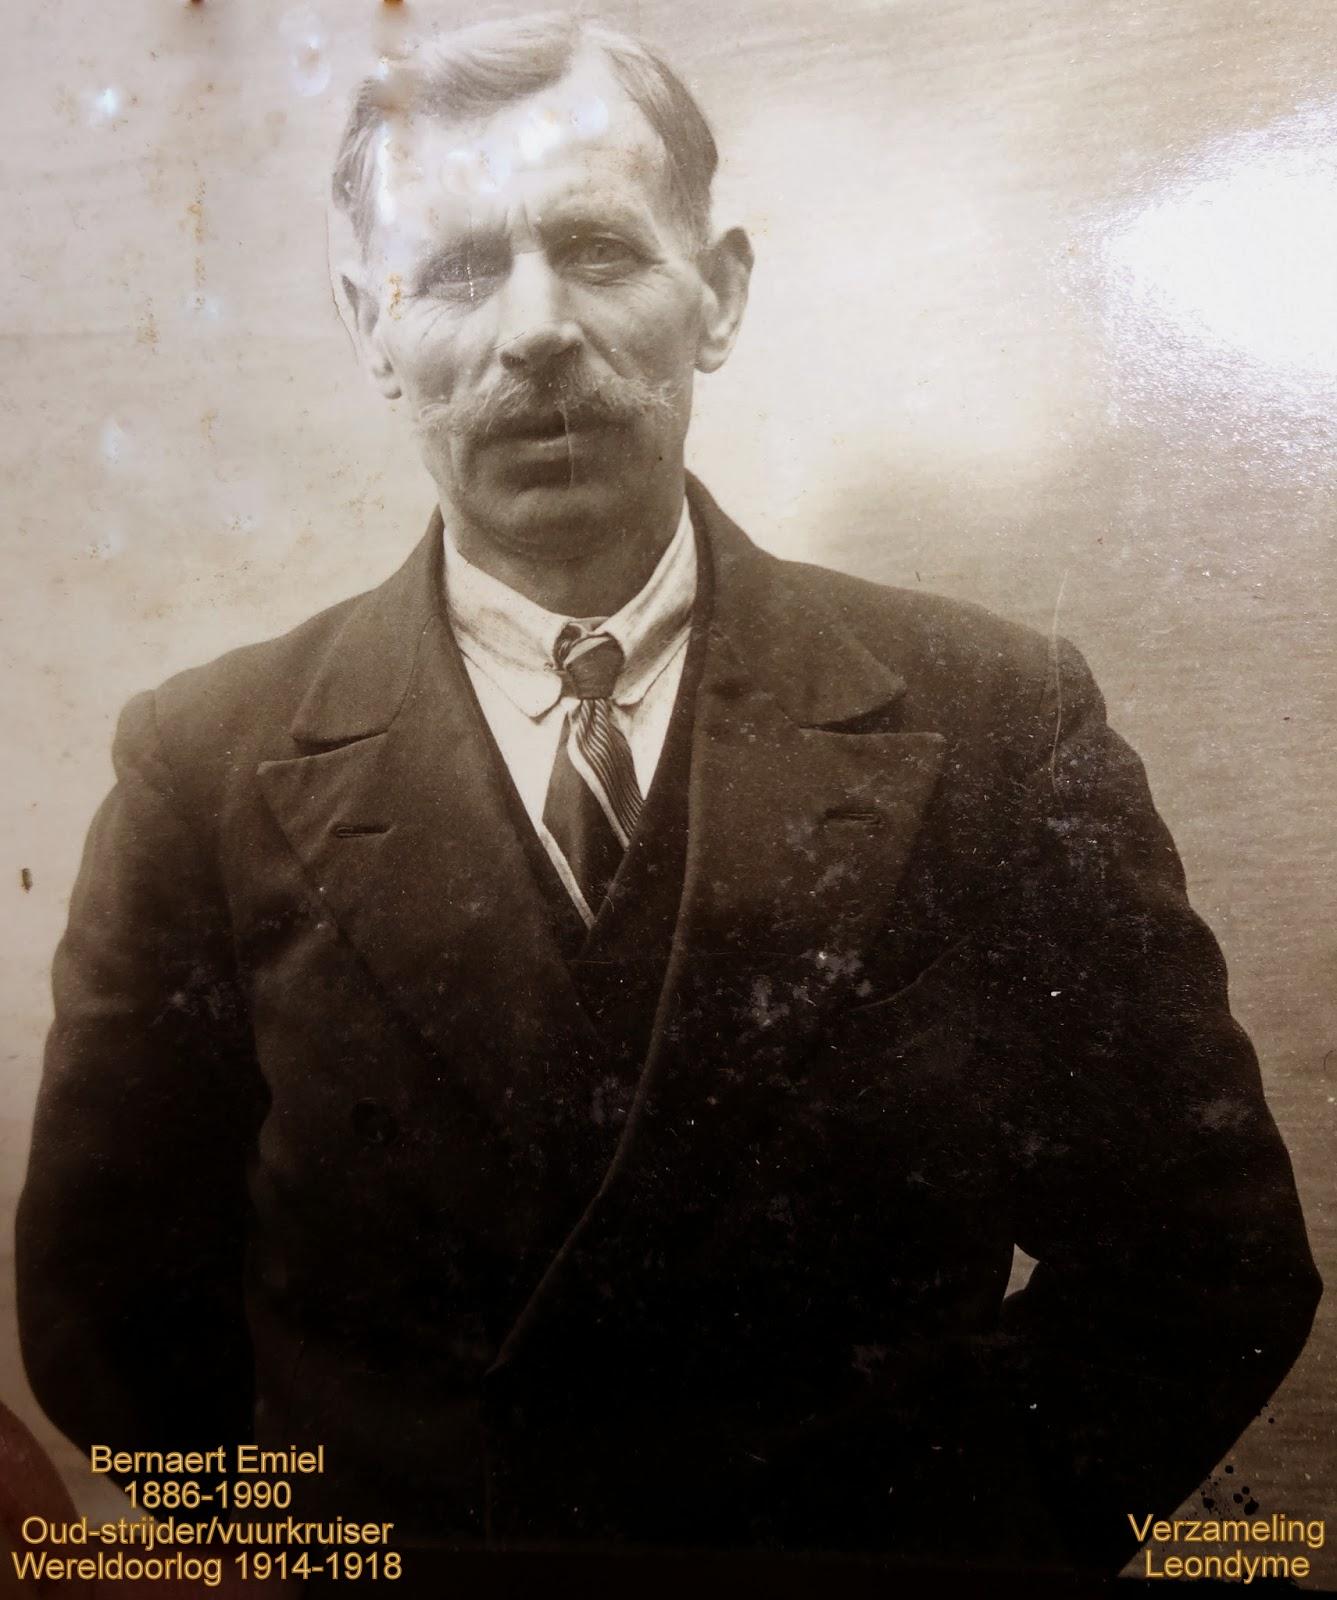 Oud-strijder/vuurkruiser Emiel Bernaert 1886-1990. Foto uit het Koninklijk Museum van het Leger en de Krijgsgeschiedenis Brussel